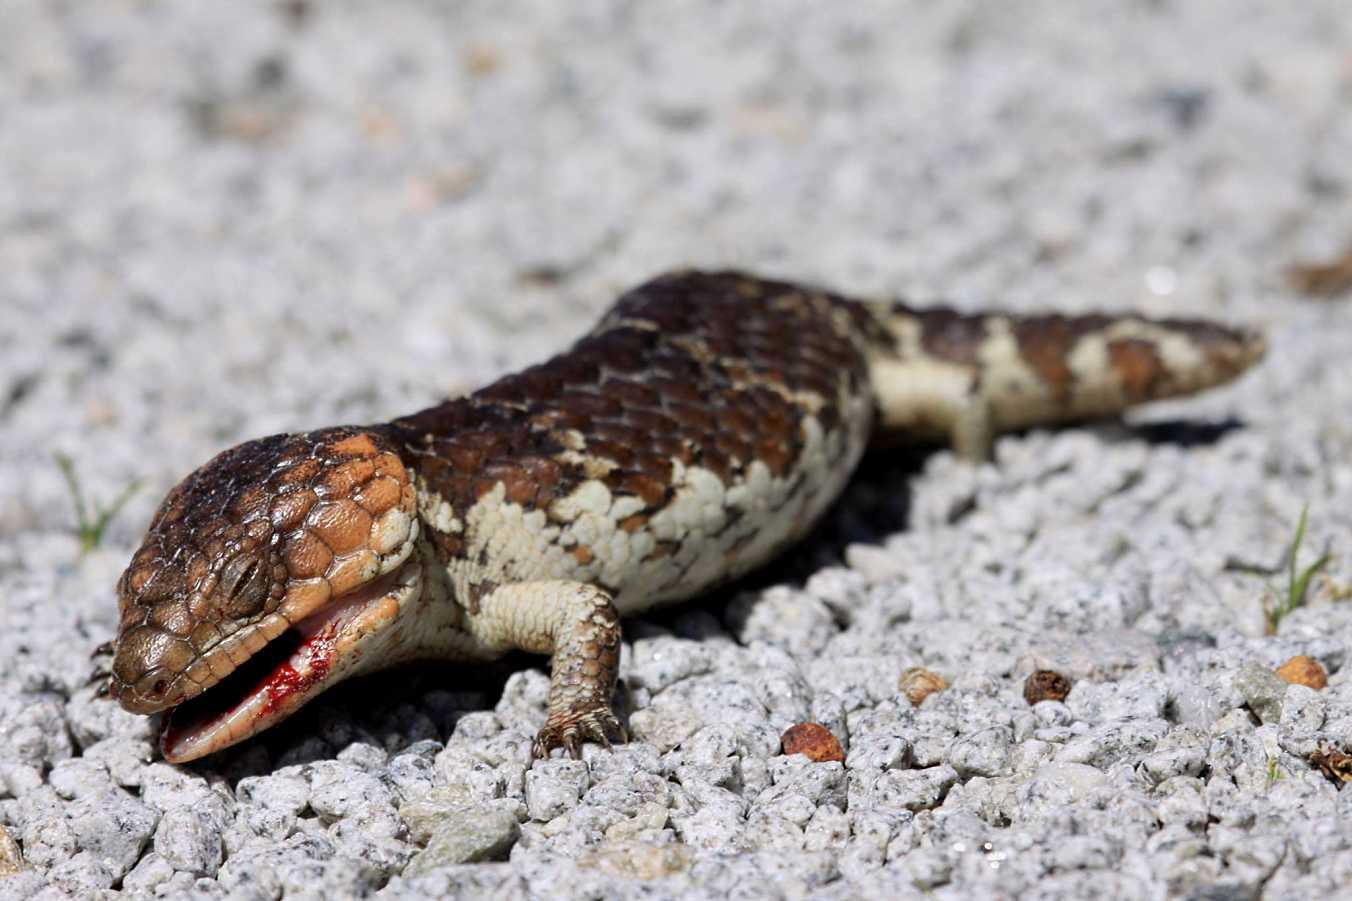 armadale reptile u0026 wildlife centre western australia